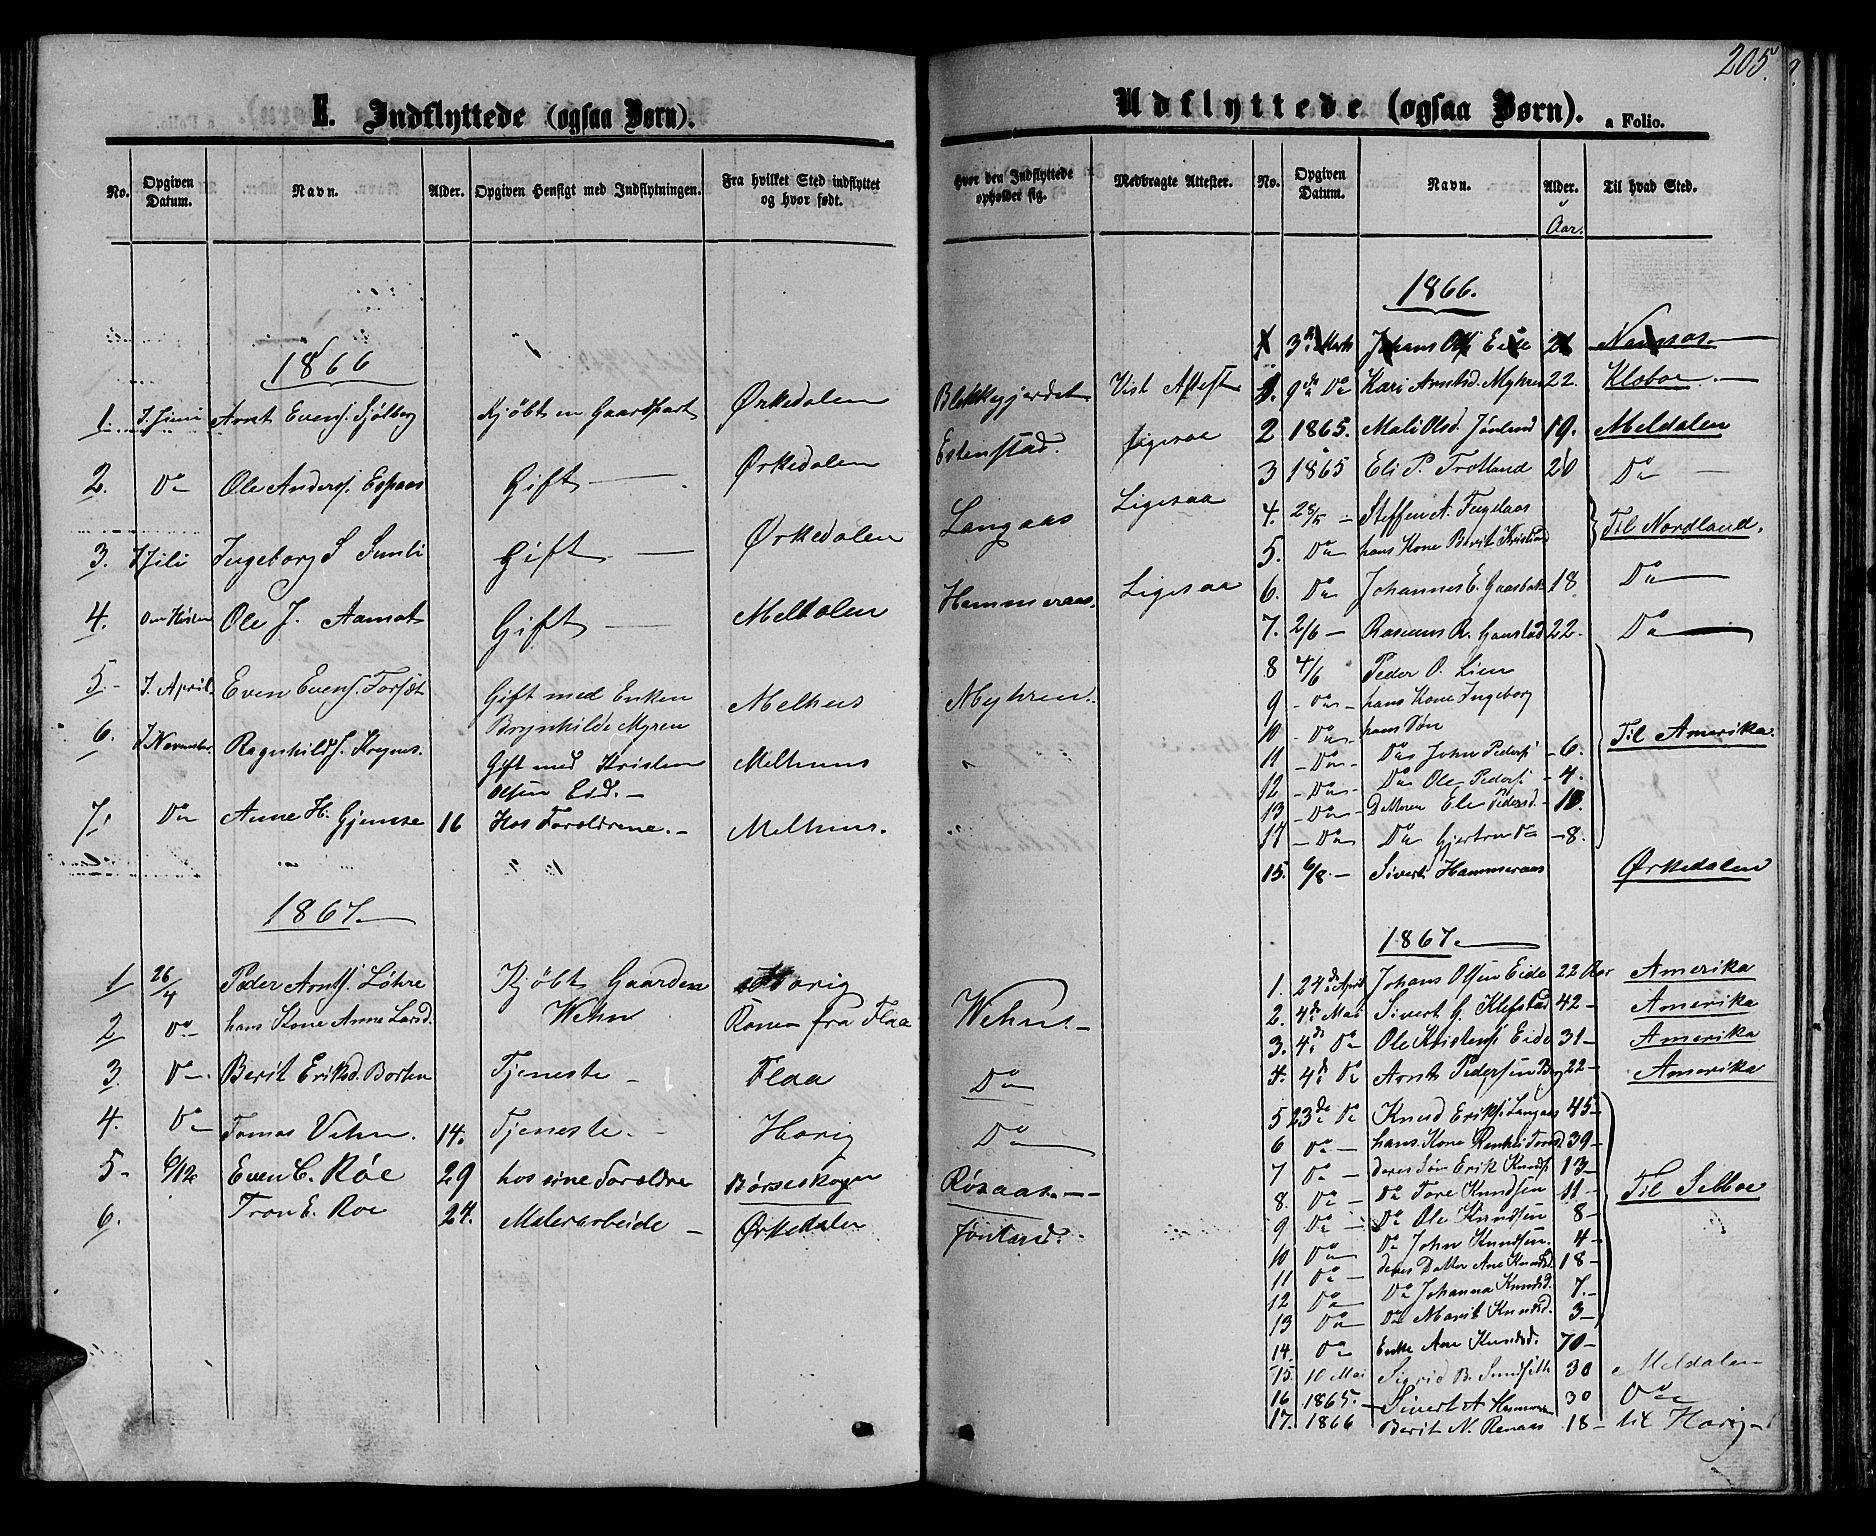 SAT, Ministerialprotokoller, klokkerbøker og fødselsregistre - Sør-Trøndelag, 694/L1131: Klokkerbok nr. 694C03, 1858-1886, s. 205